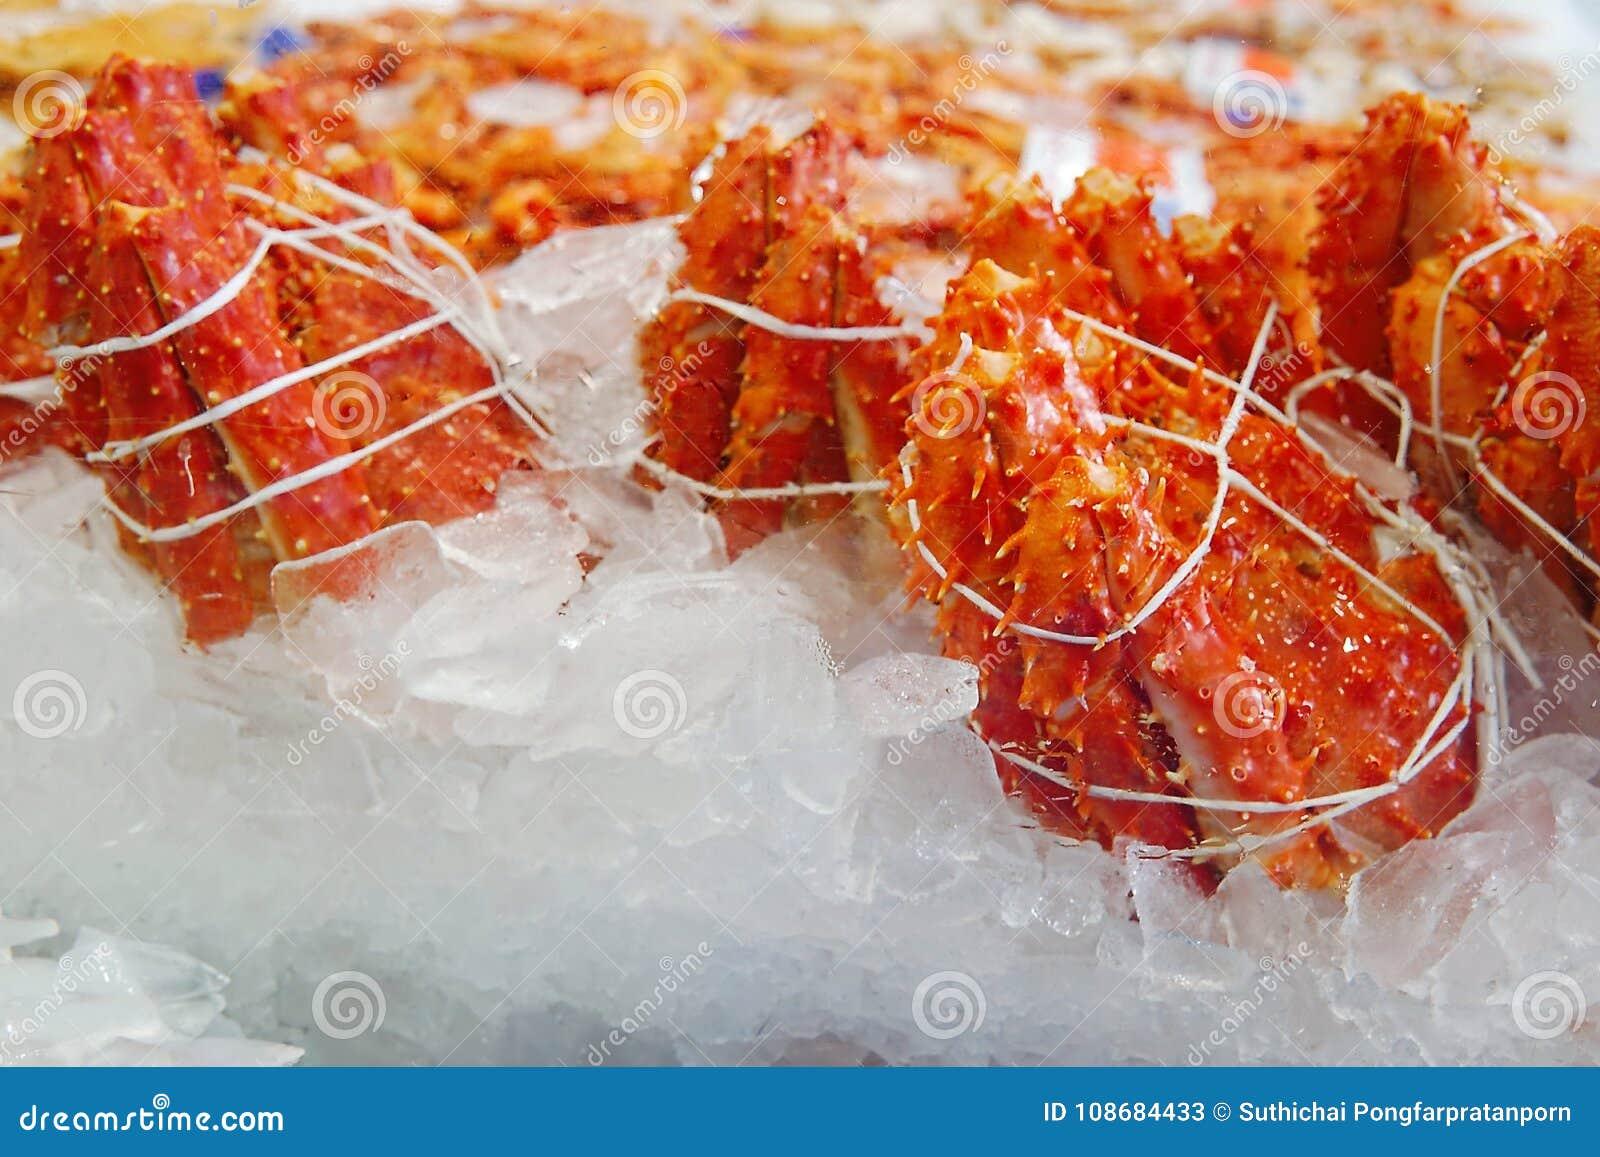 Selektiv fokus av konungkrabbabenet på is på fiskmarknaden Delen av konungkrabbabenet som är klart att sälja på skaldjur, shoppar